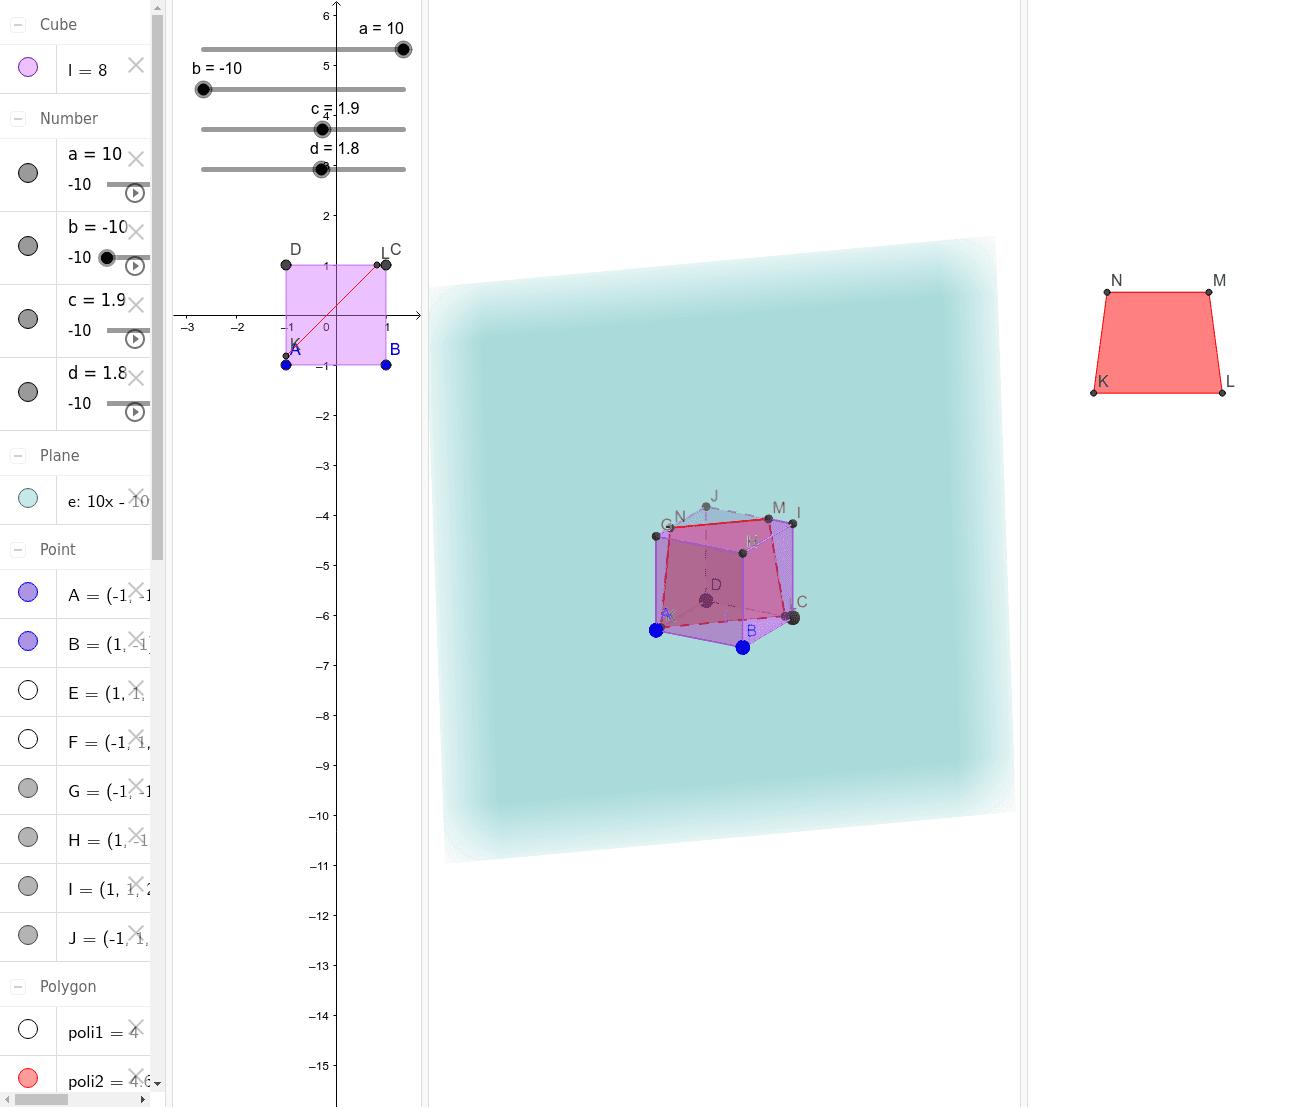 Esplorazione delle sezioni di un cubo con un generico piano (dato con l'equazione) Premi Invio per avviare l'attività